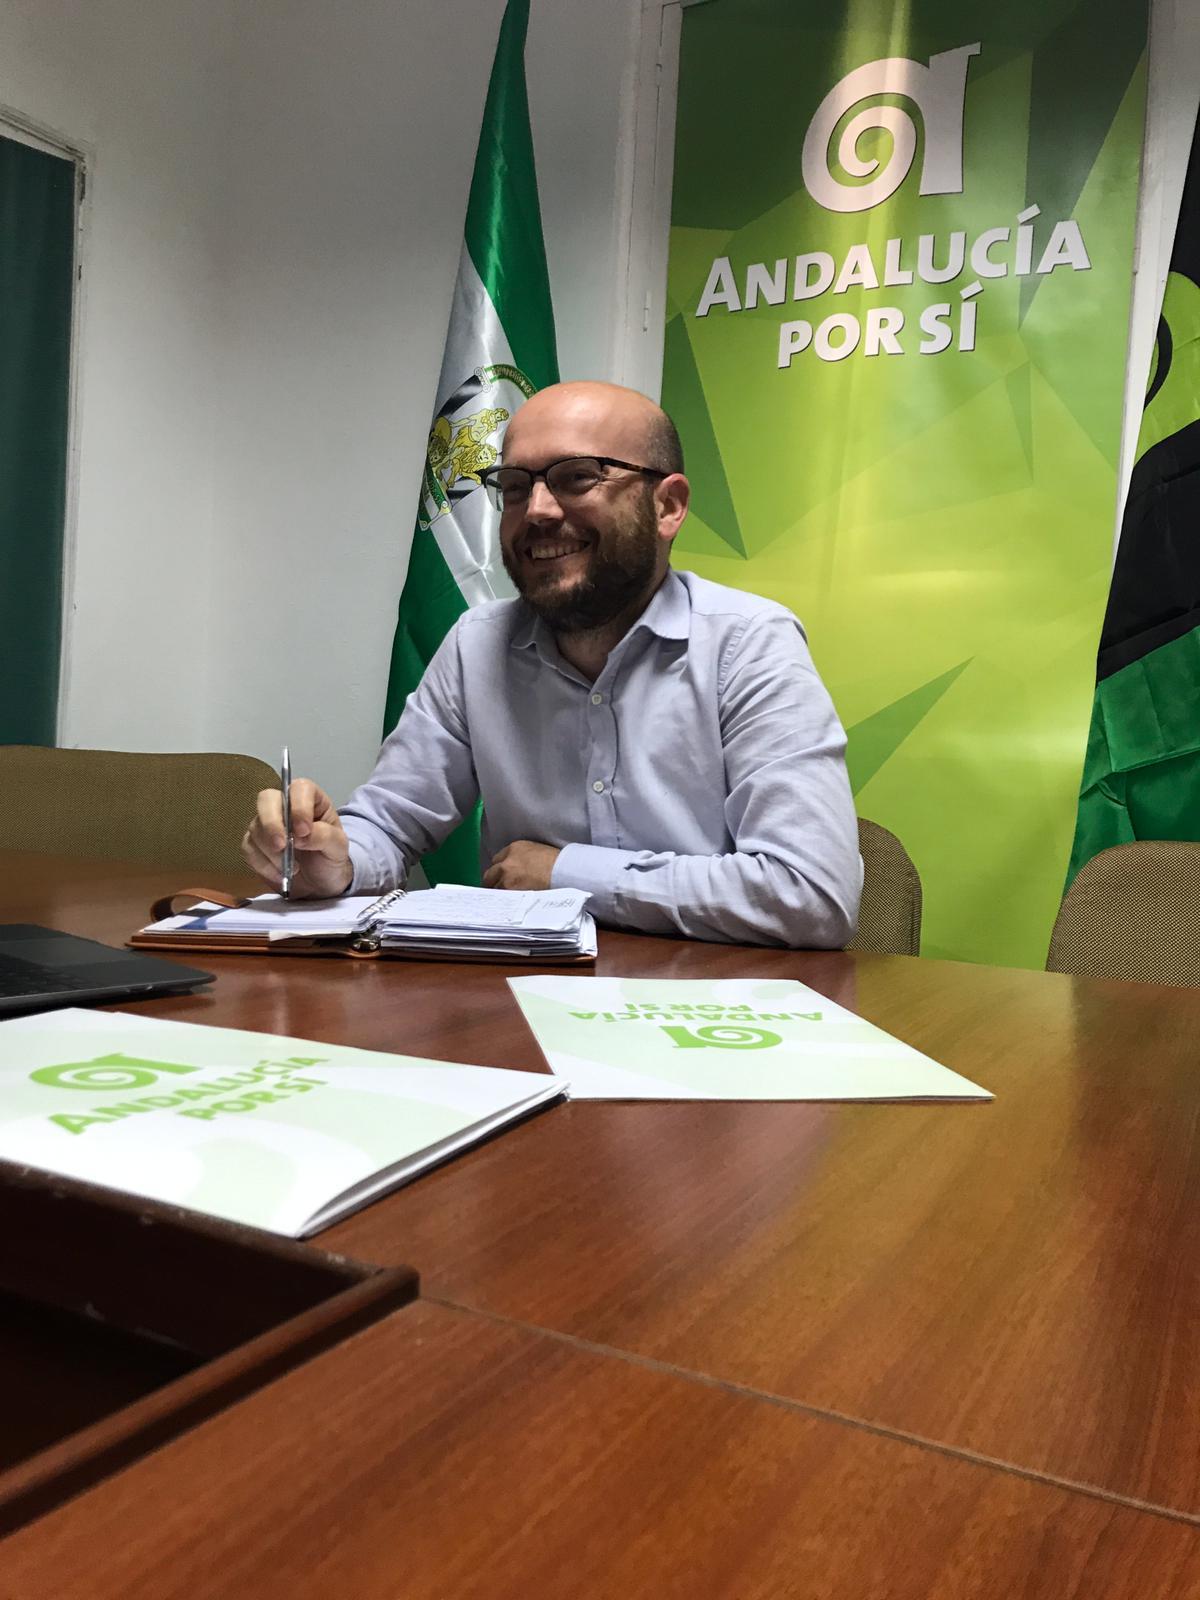 Photo of María Jesús Pérez y José Antonio Bautista, orgullosos de pertenecer al nuevo movimiento andalucista